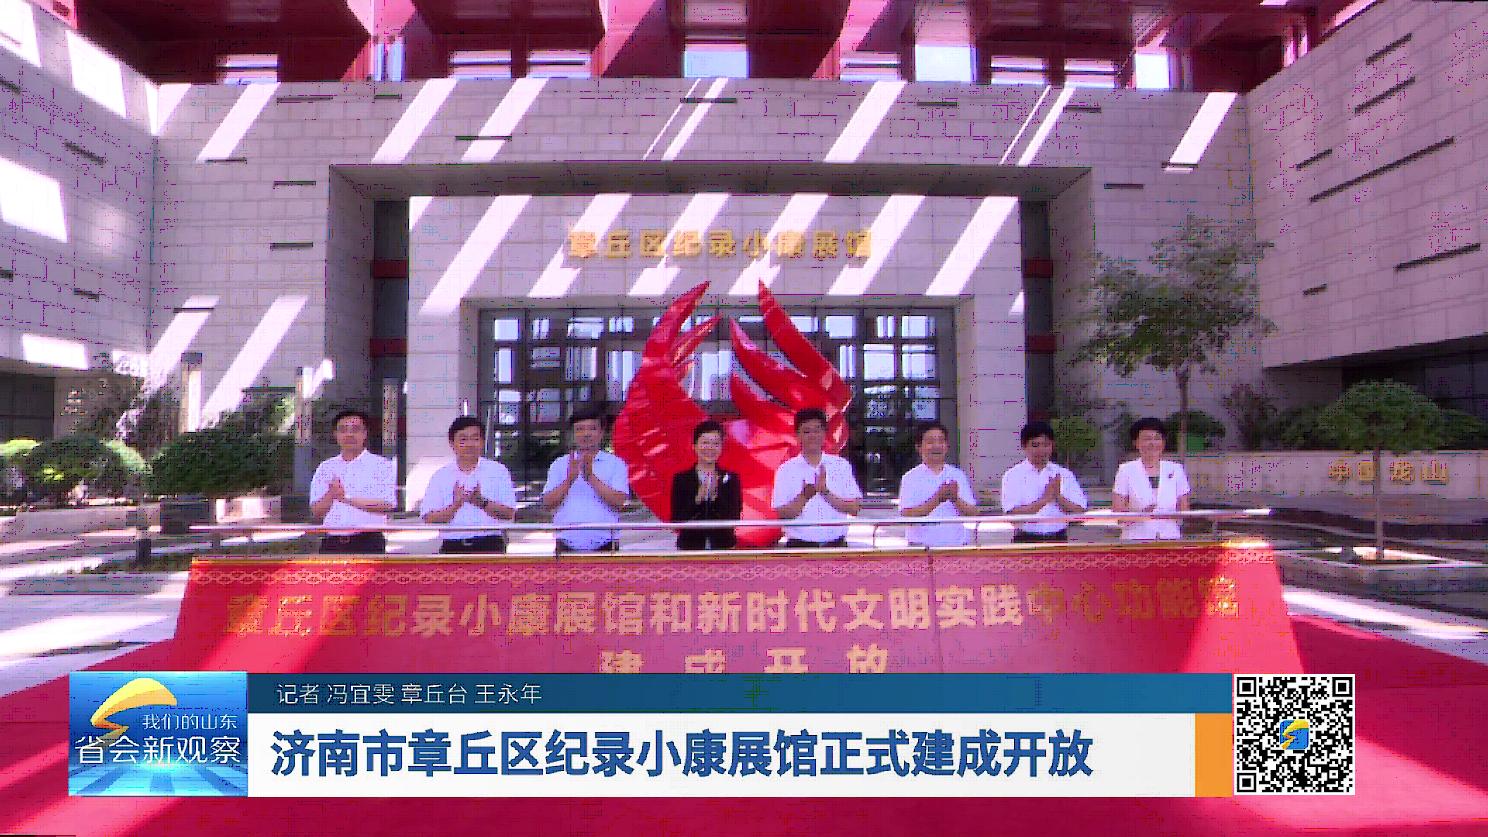 济南市章丘区纪录小康展馆正式建成开放